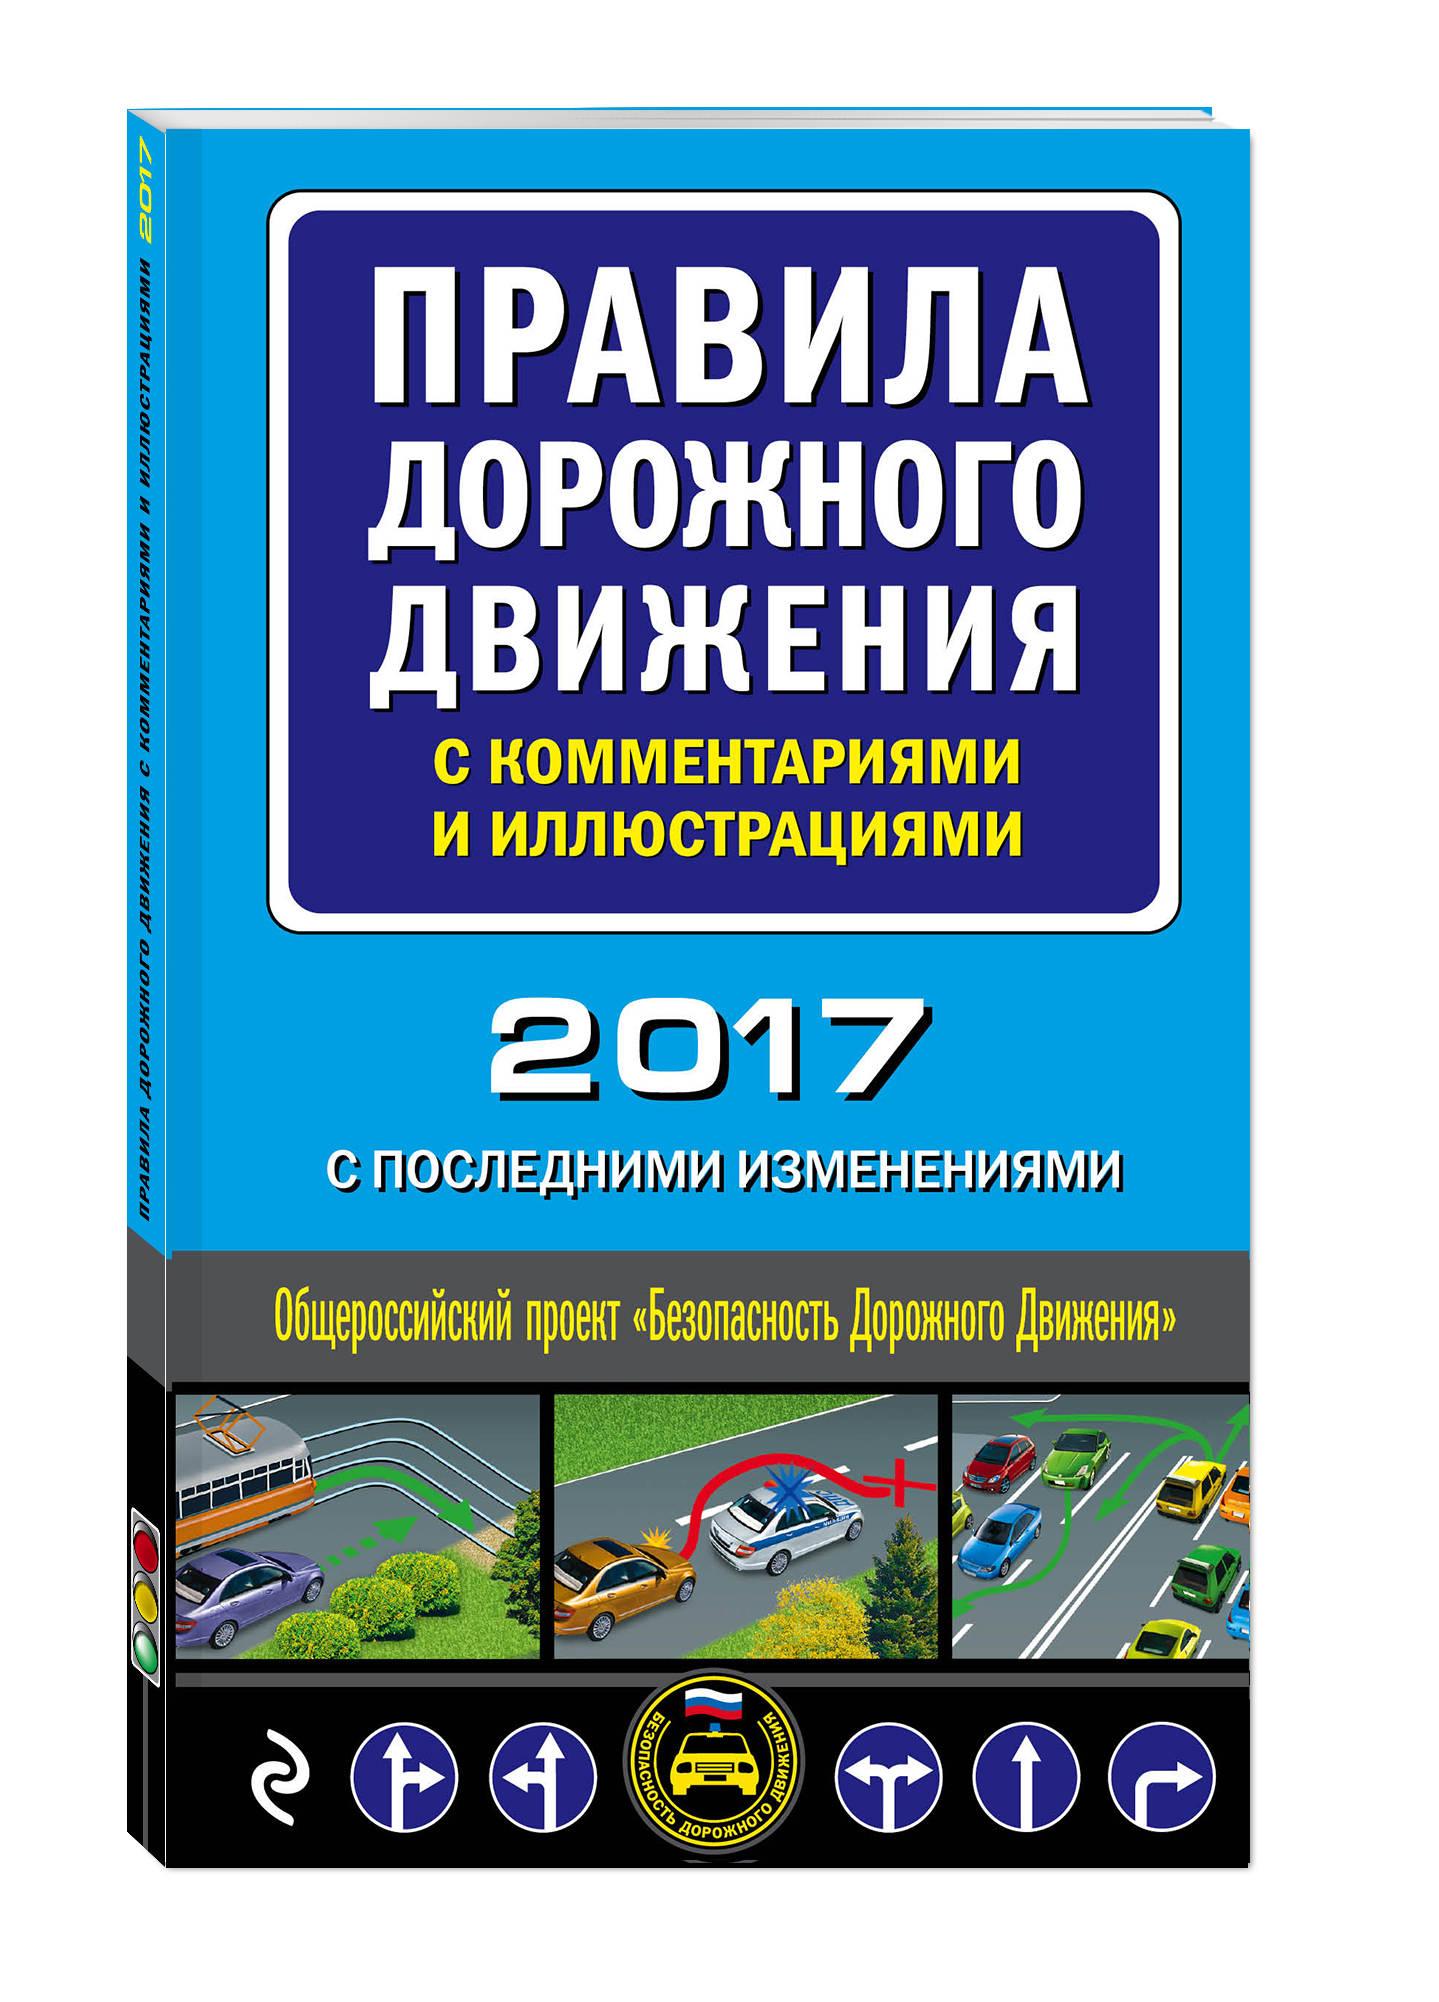 Правила дорожного движения с комментариями и иллюстрациями (с последними изменениями на 2017 год)